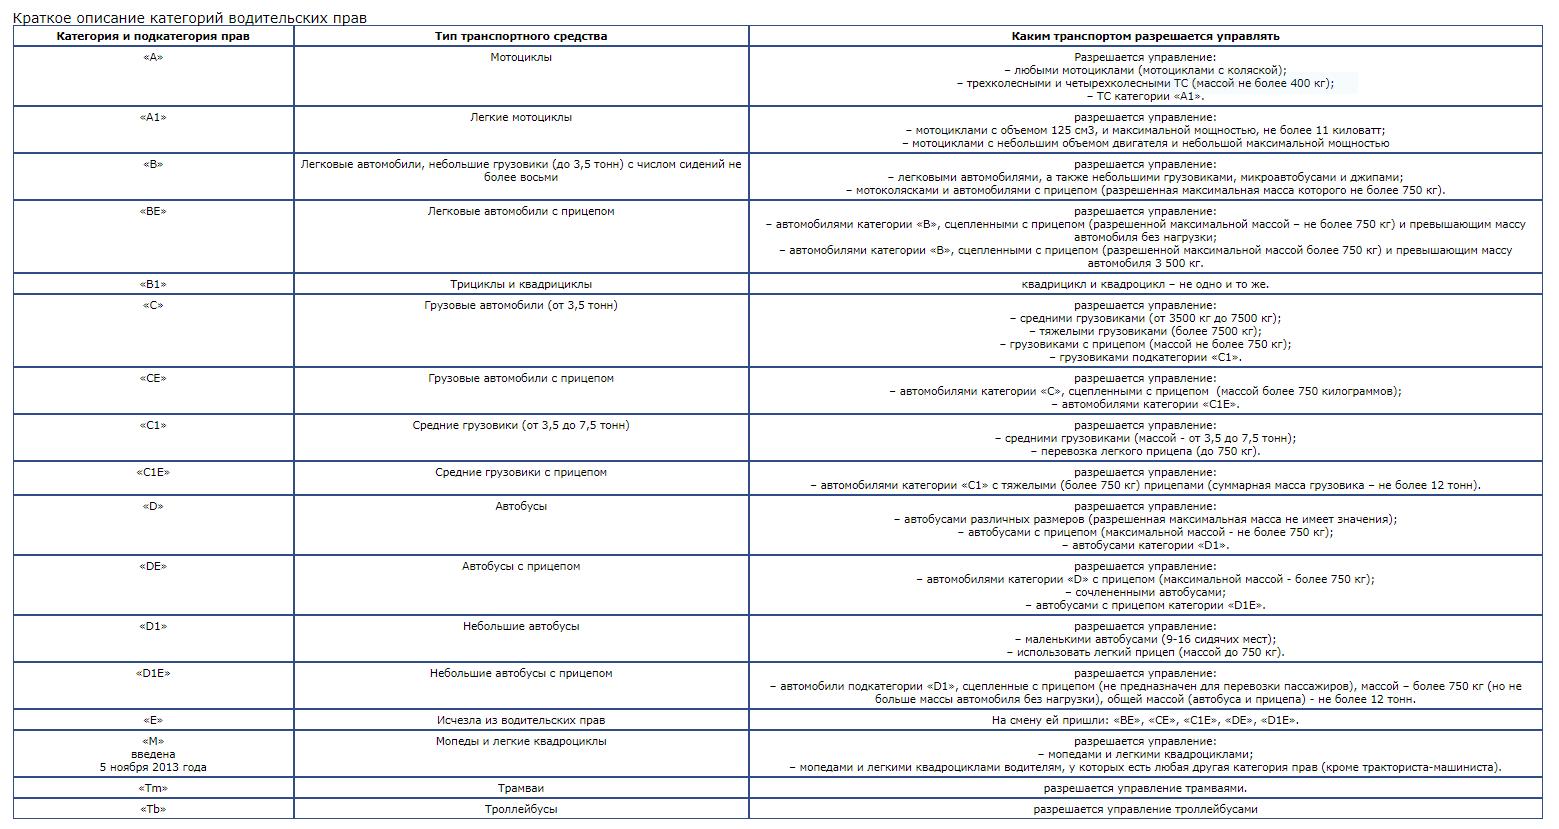 Описание категорий водительских прав в таблице